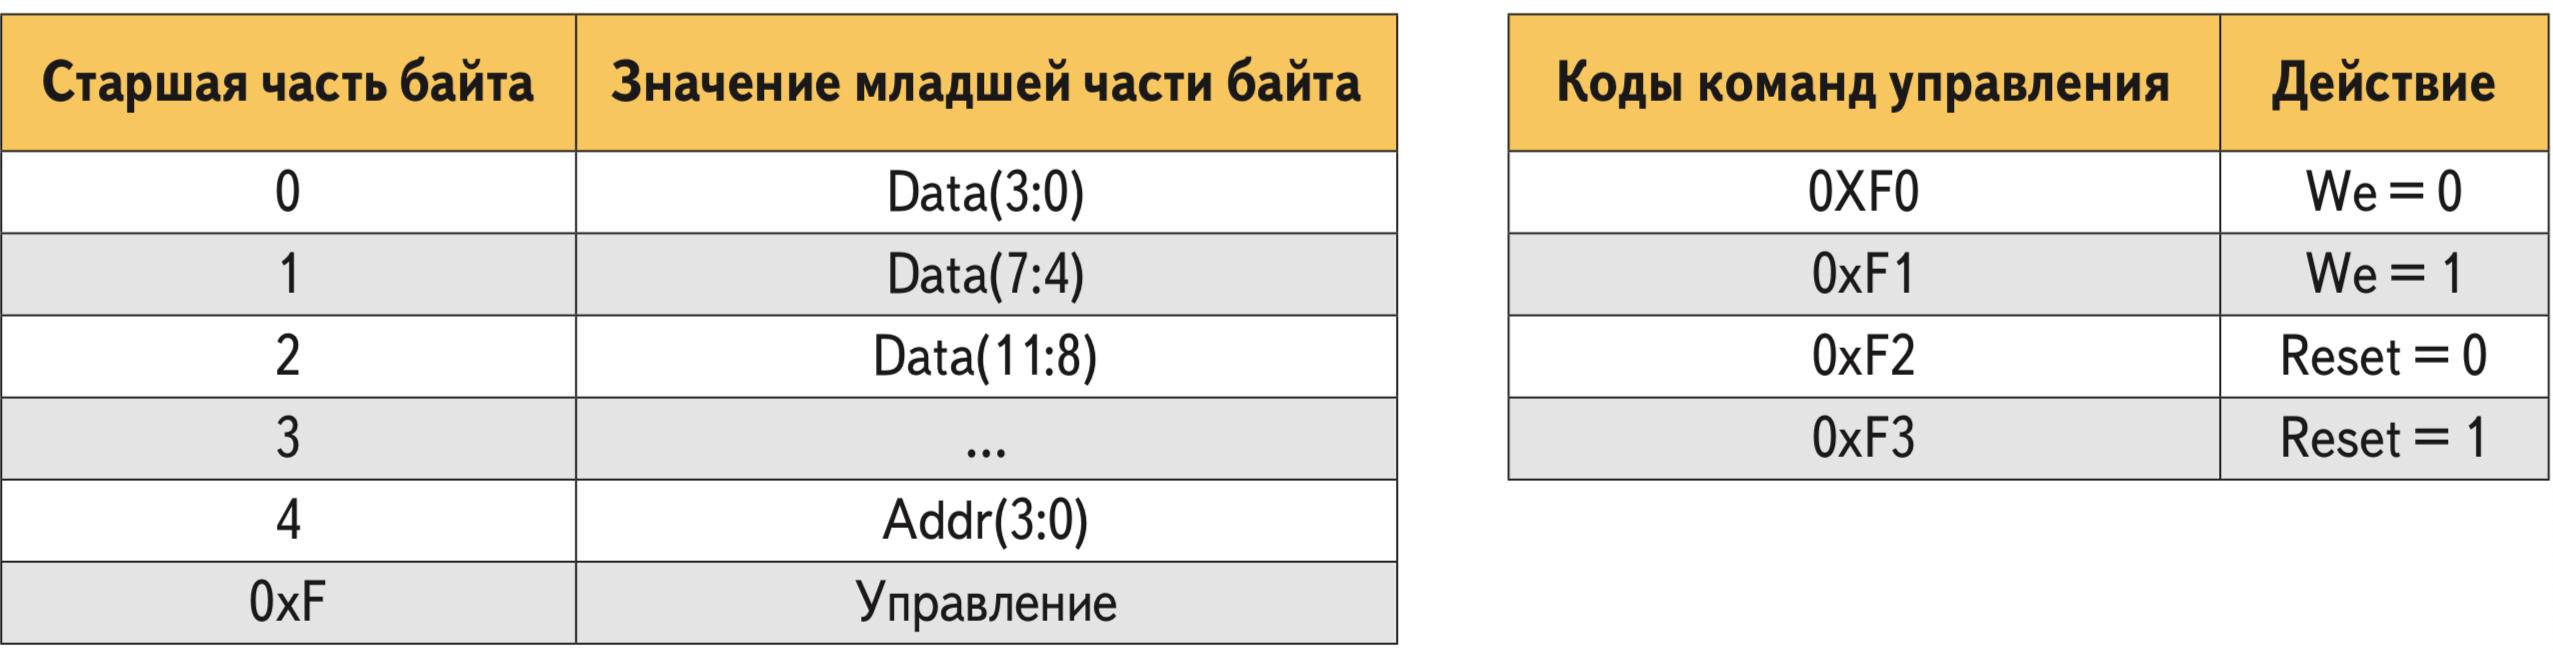 Пример регистровой модели контроллера доступа к памяти команд для упрощенного загрузчика